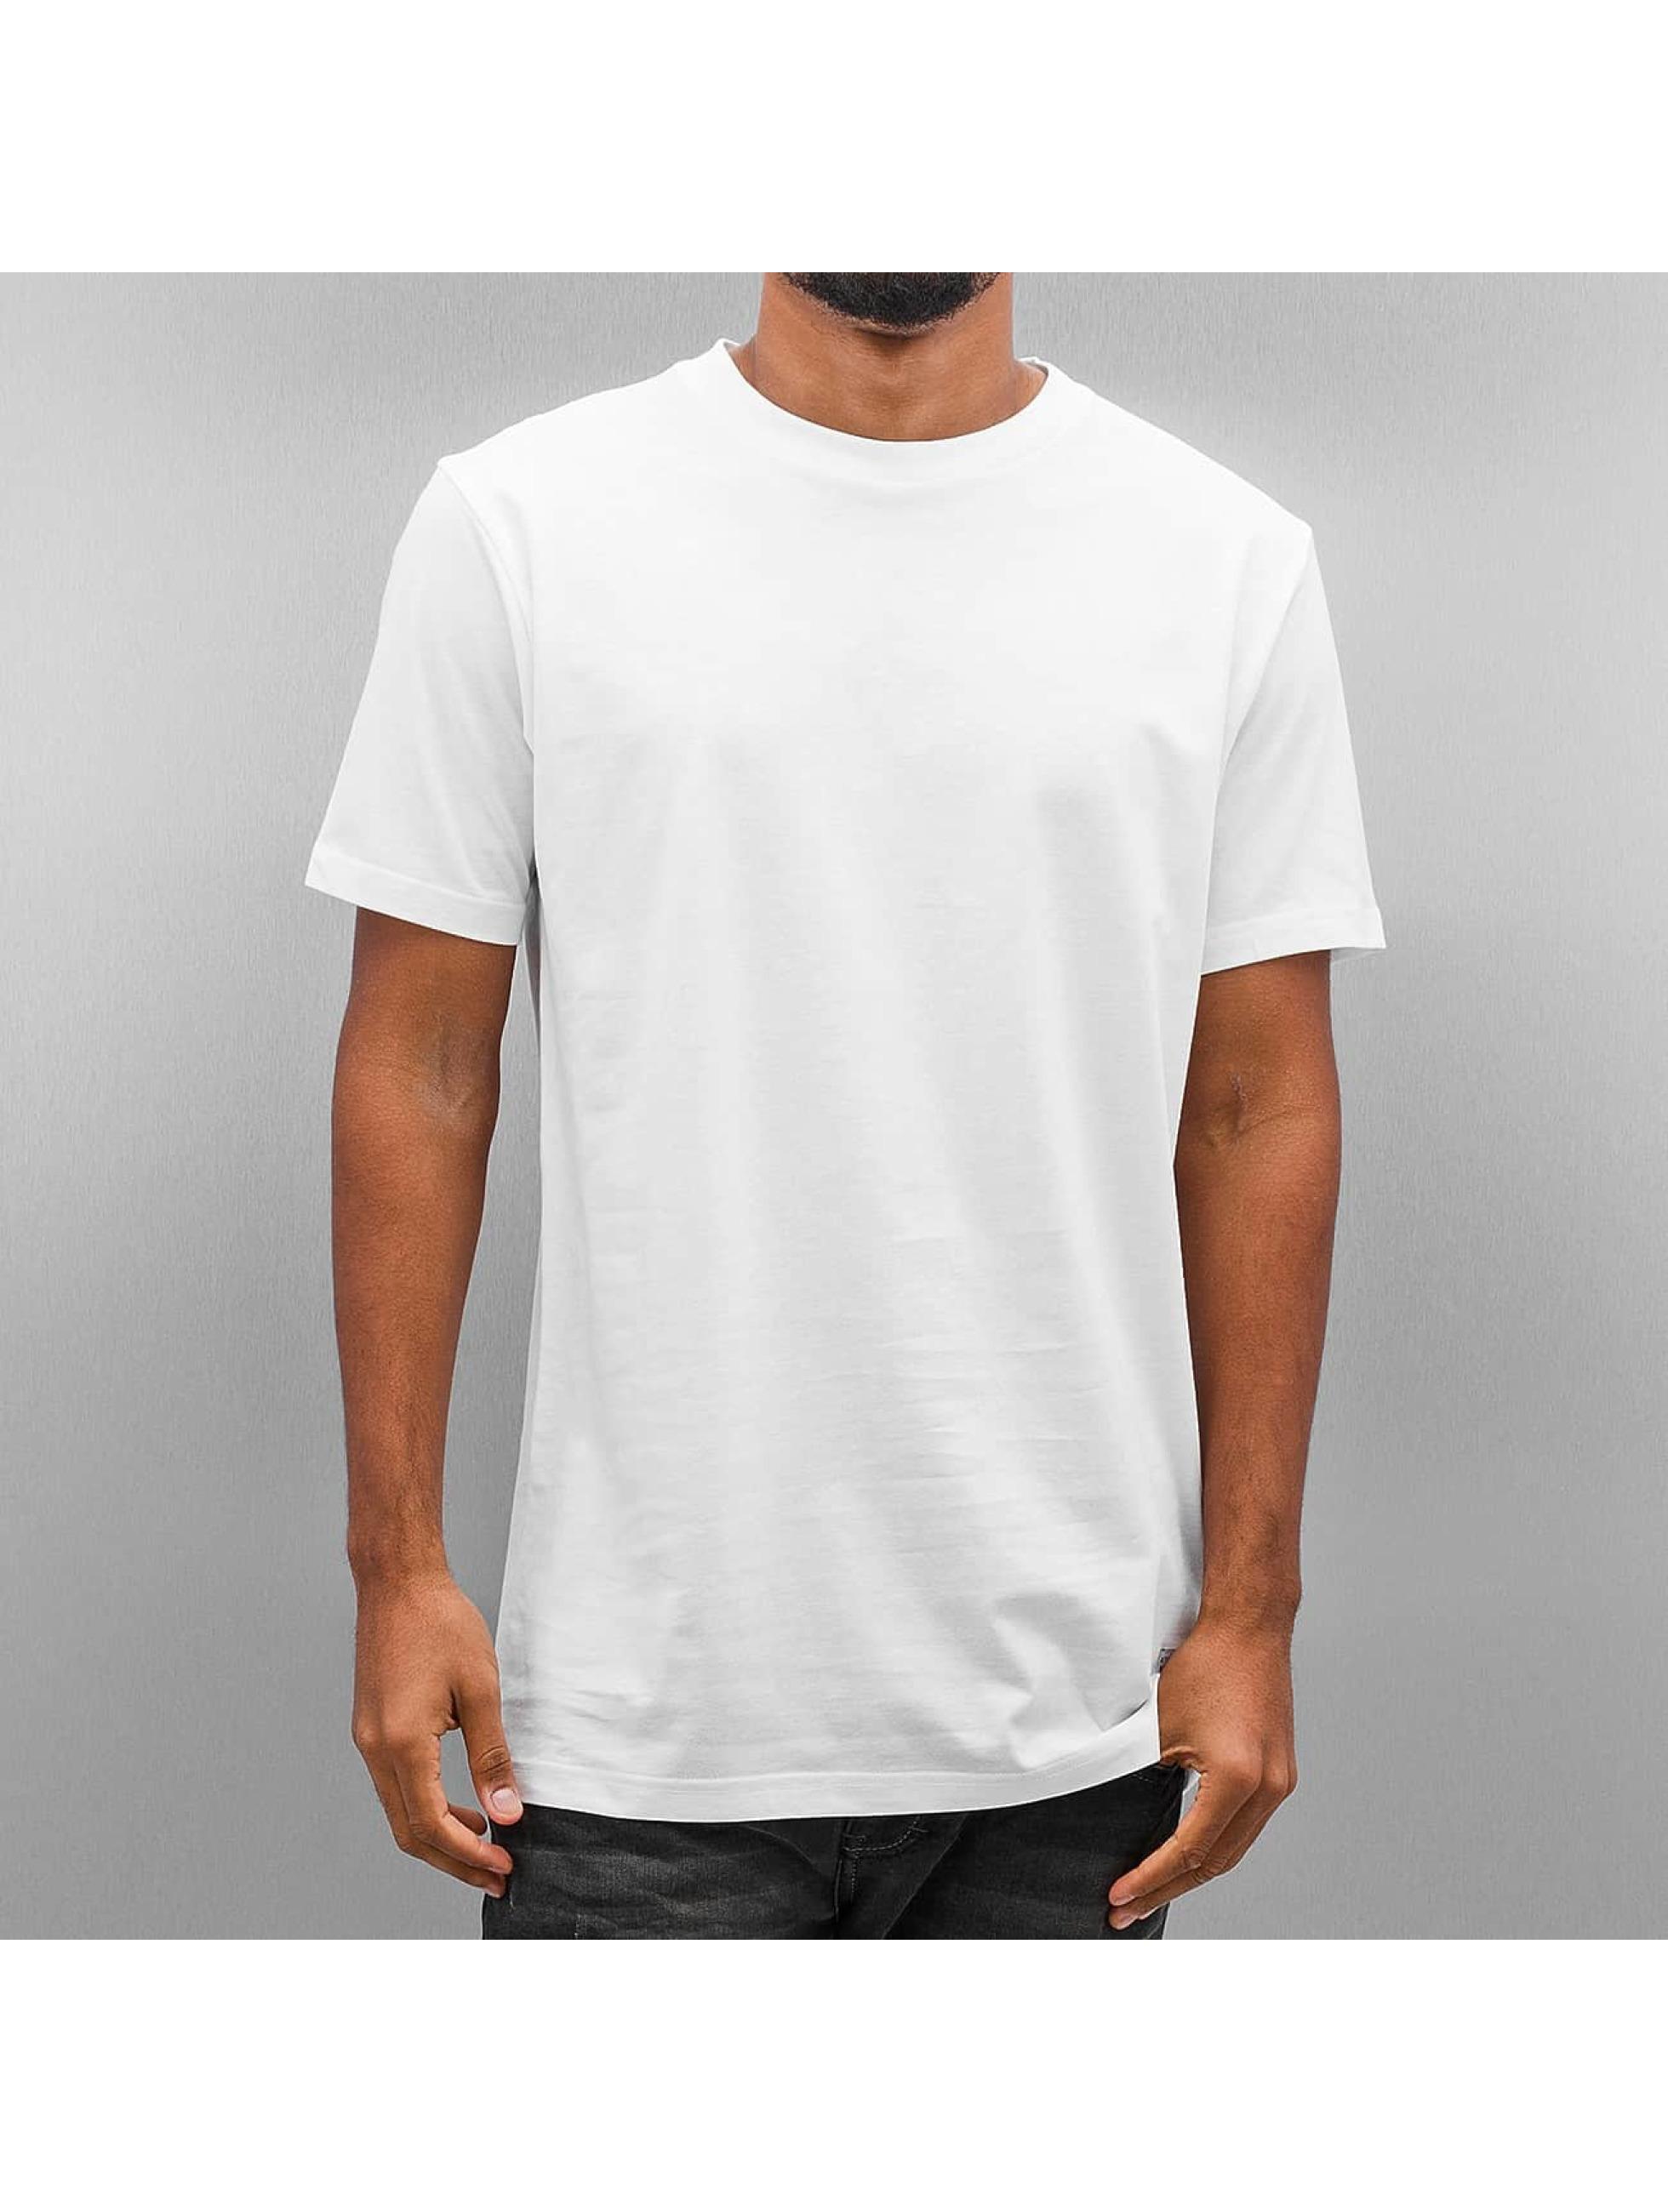 K1X Camiseta Authentic blanco